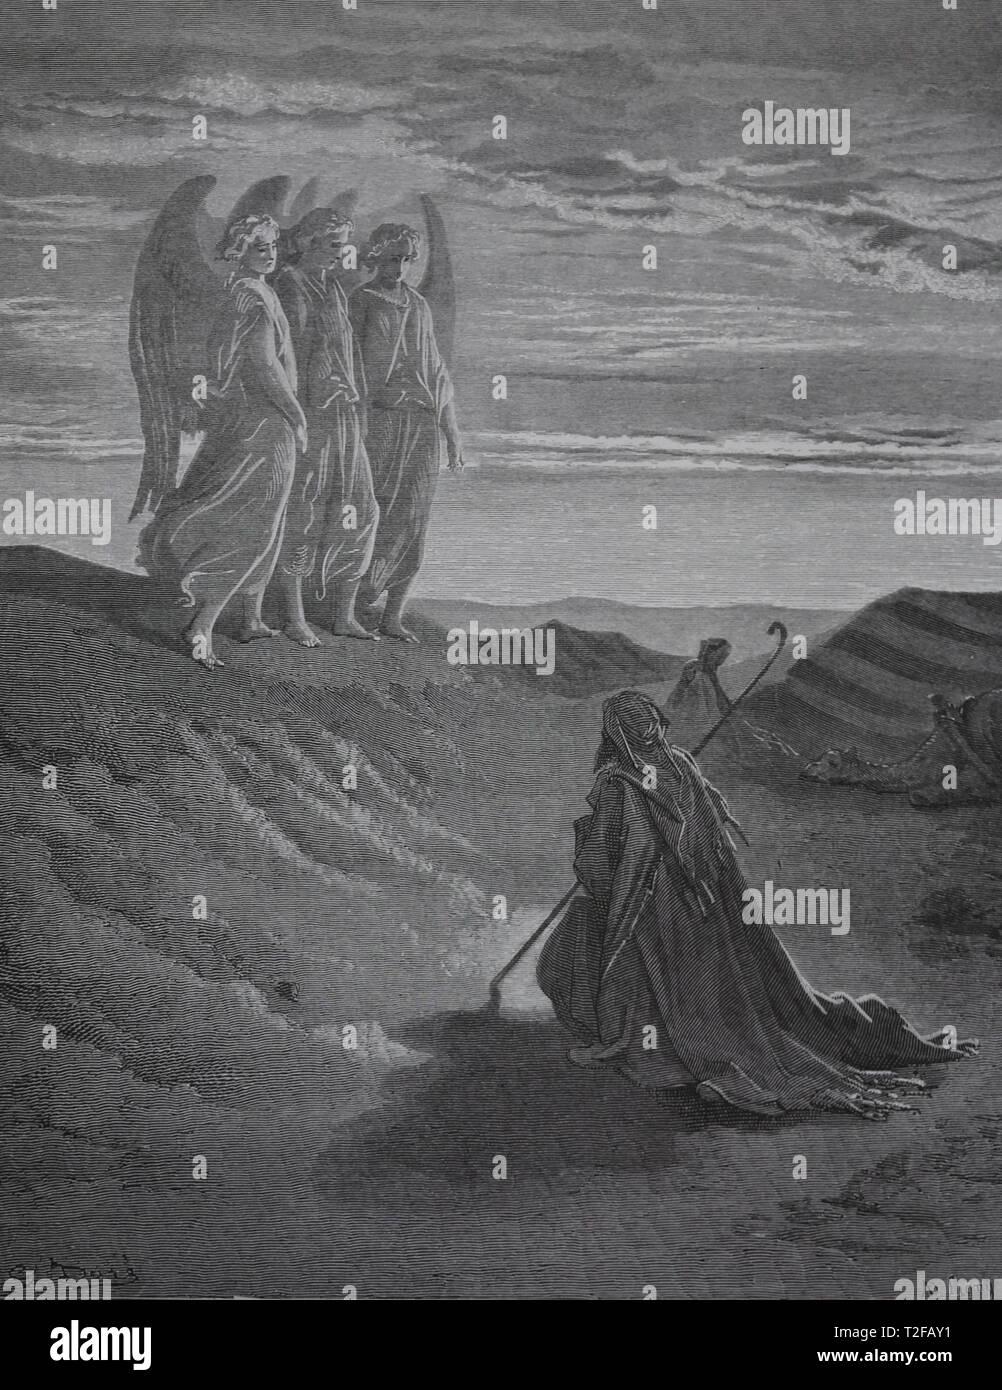 Genesi. Abramo e i tre angeli. La Bibbia. Genesi. Incisione di Gustave Dore, 1866. Immagini Stock